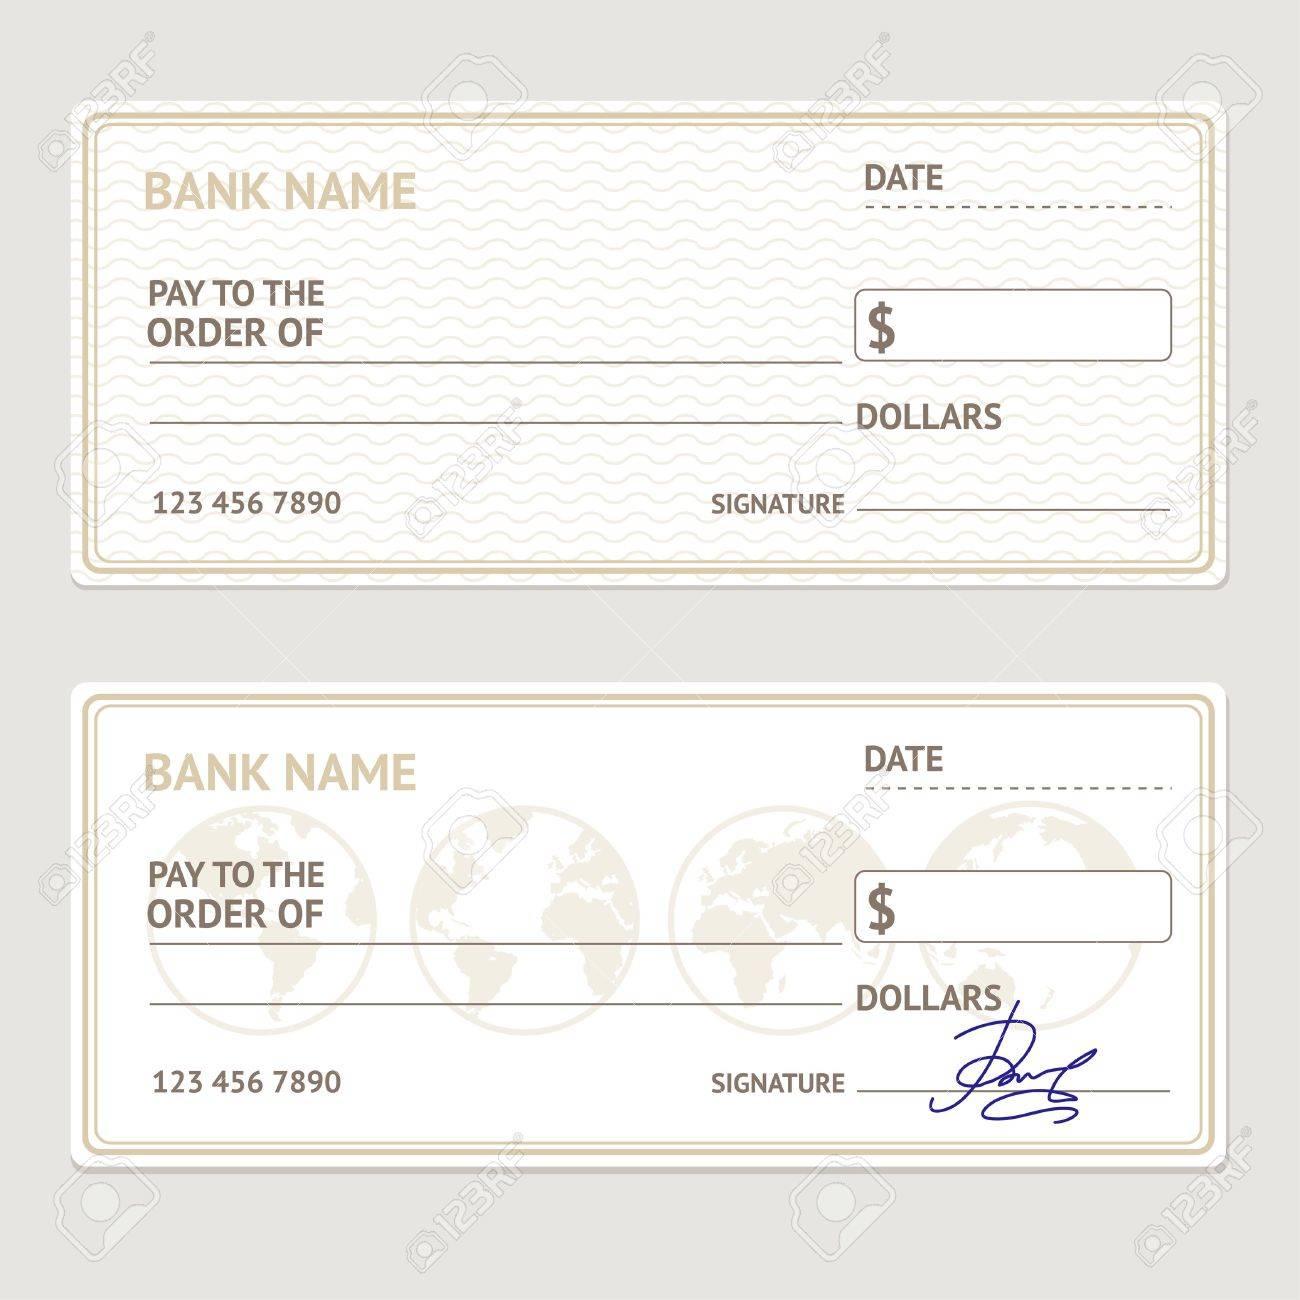 Cheque Bancaire Template Set Formulaire Vierge Avec Exemples